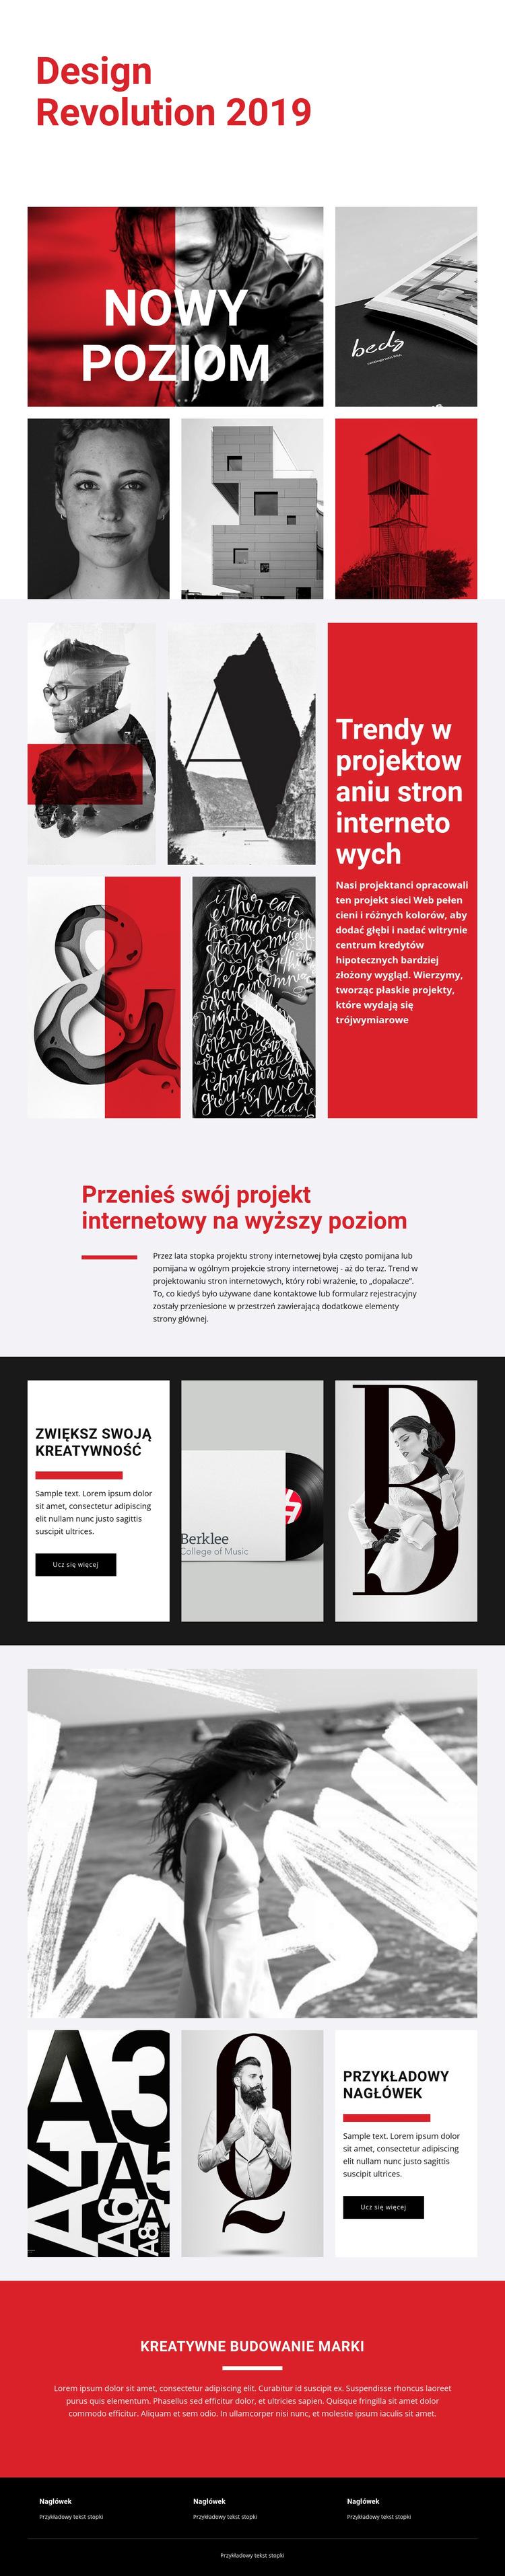 Rewolucja w projektowaniu sztuki Szablon witryny sieci Web